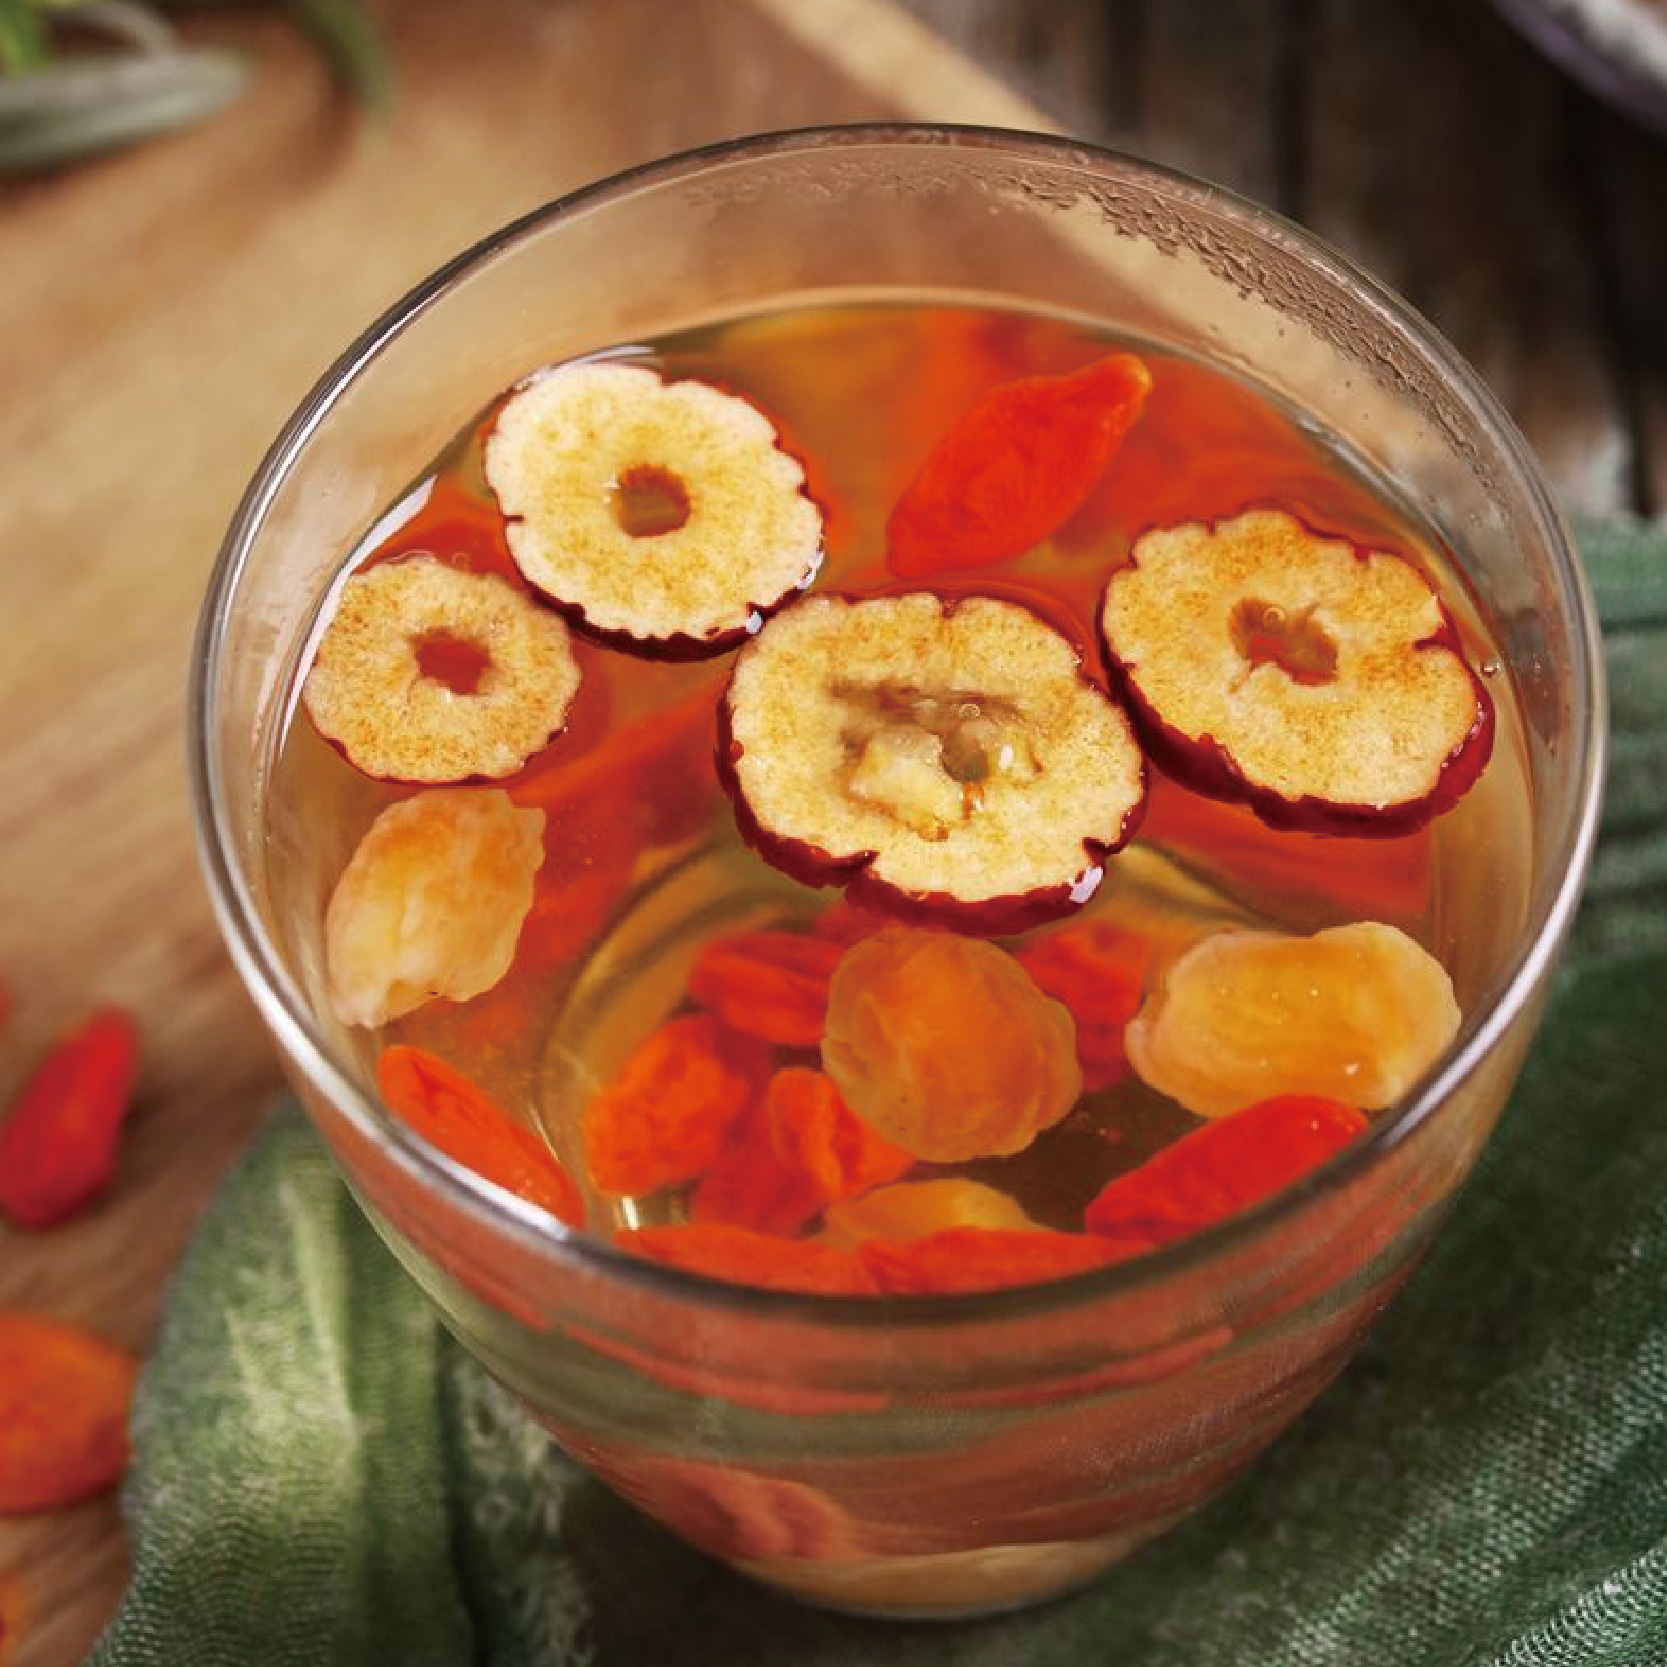 新疆干红枣泡茶片泡水喝特级山红枣干可搭荷叶湿气果茶花草茶茶叶